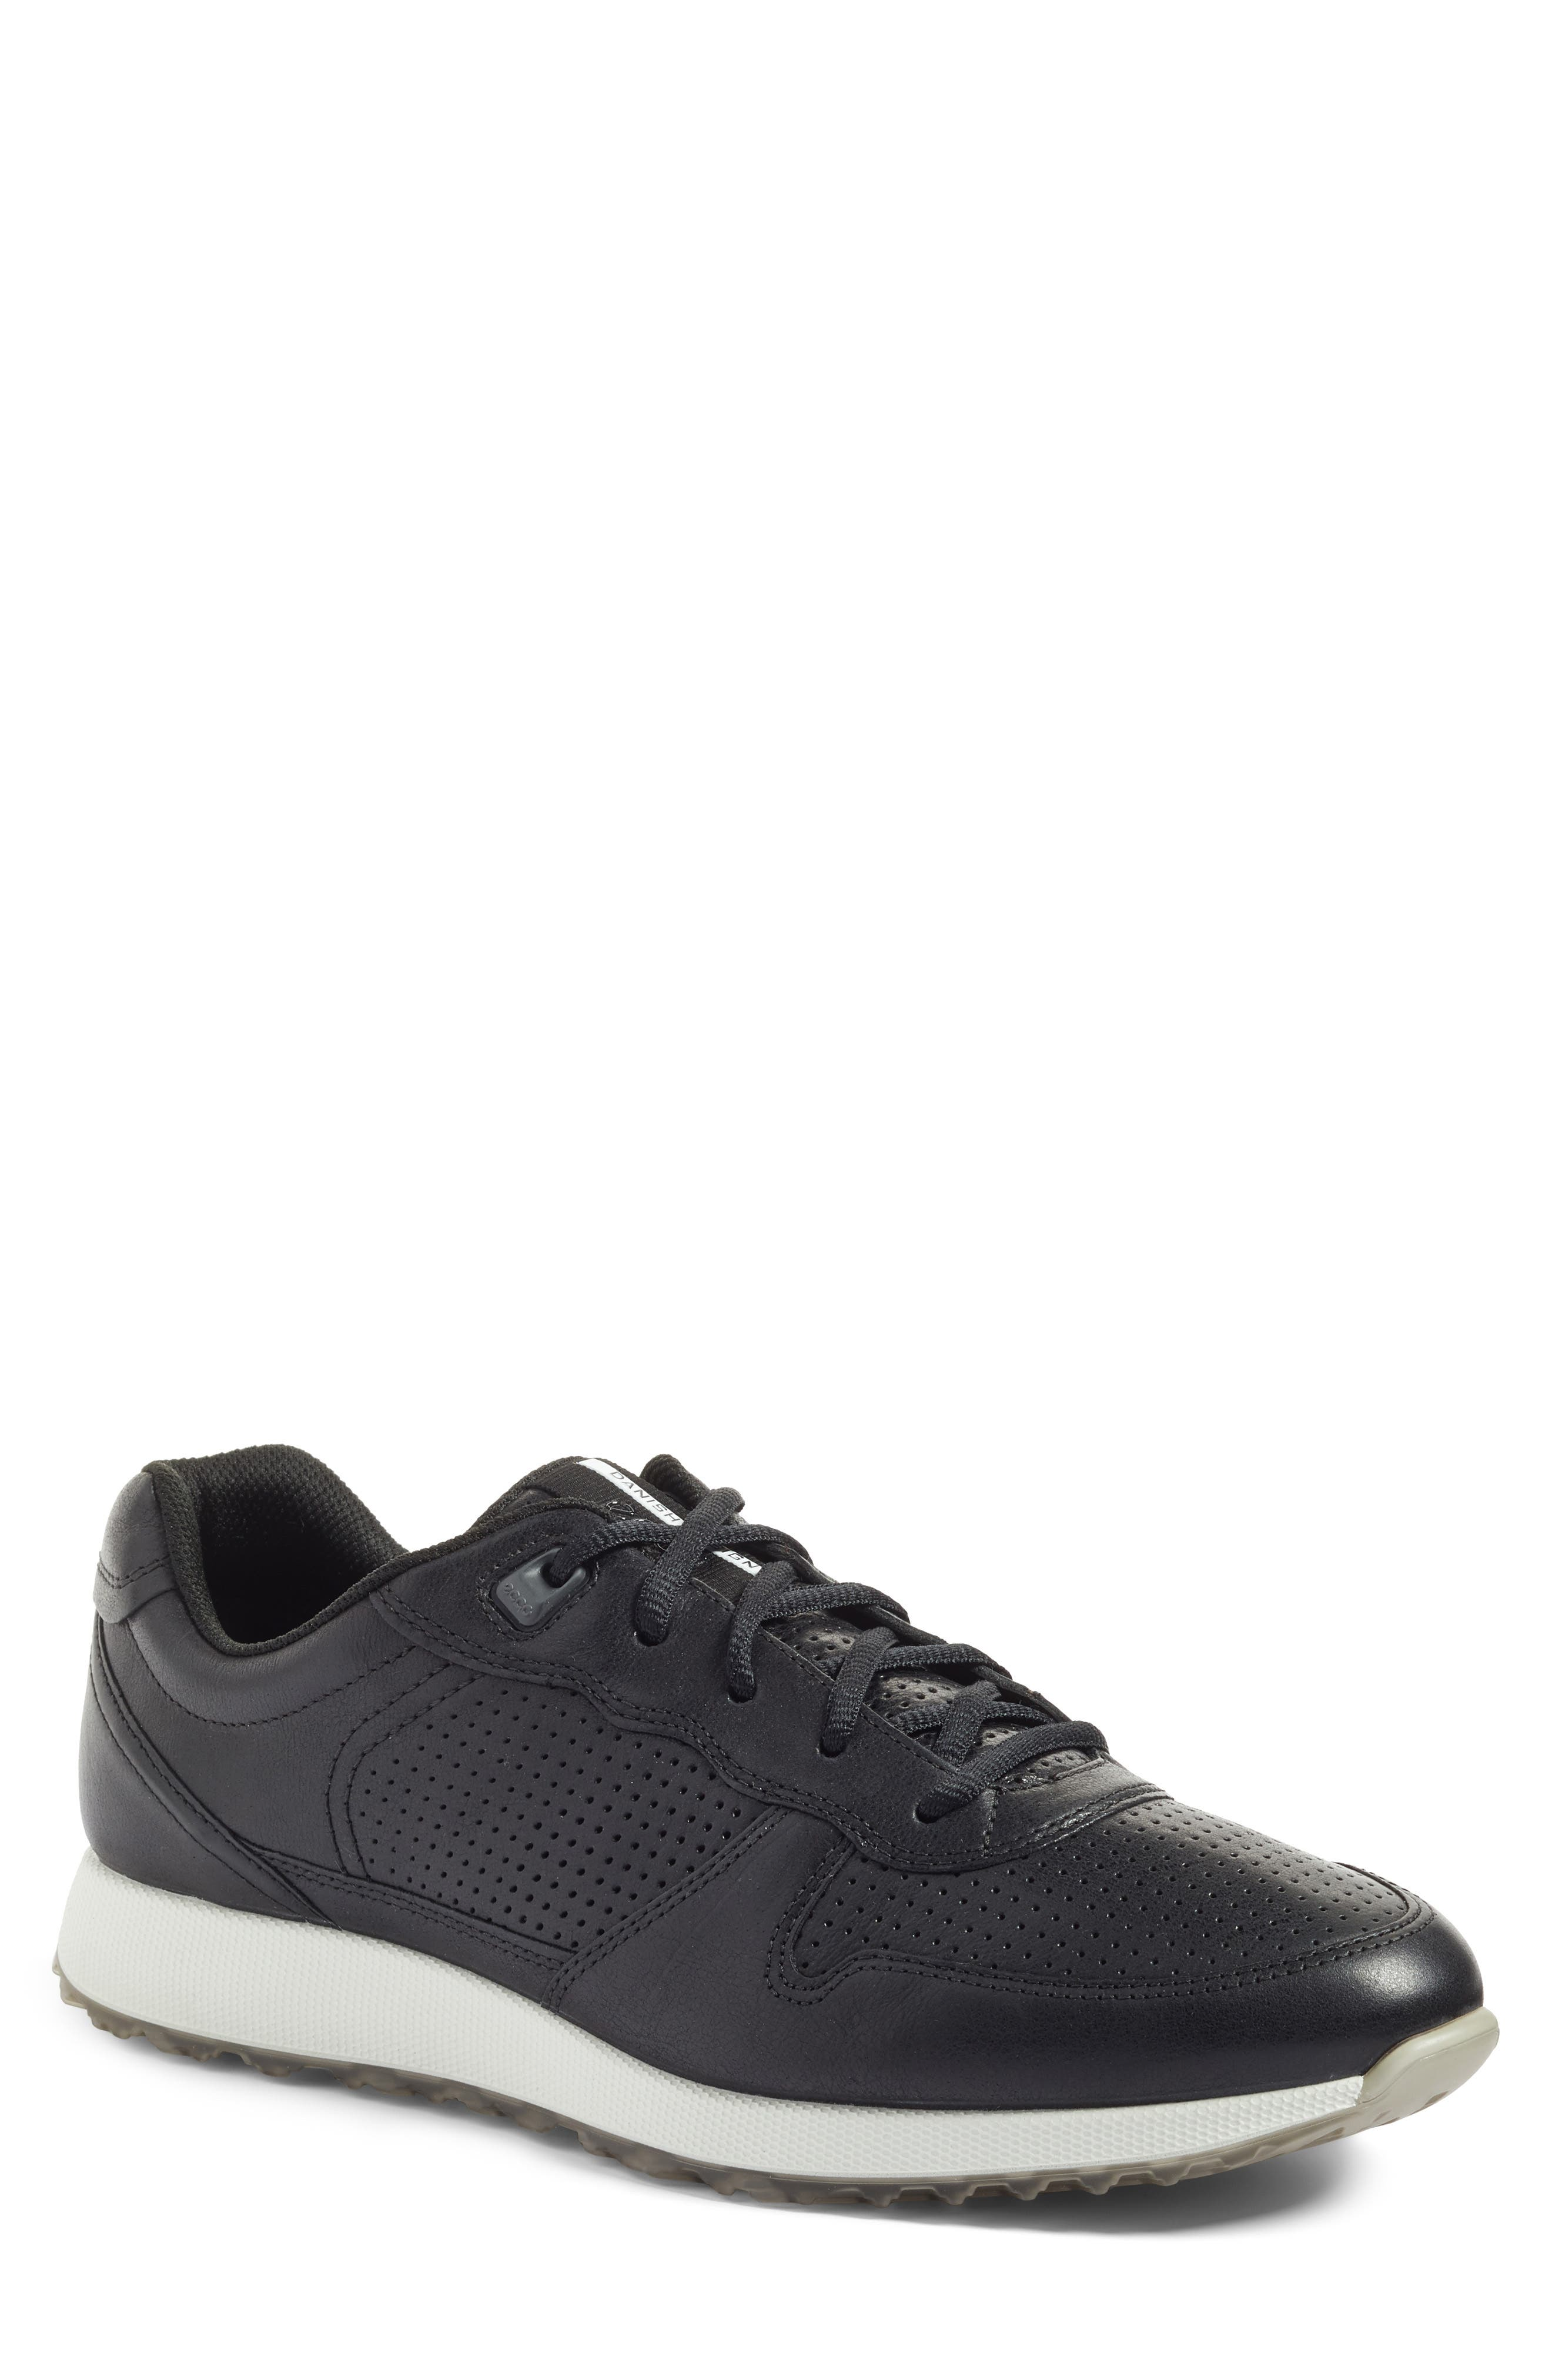 Sneak Sneaker,                             Main thumbnail 1, color,                             001